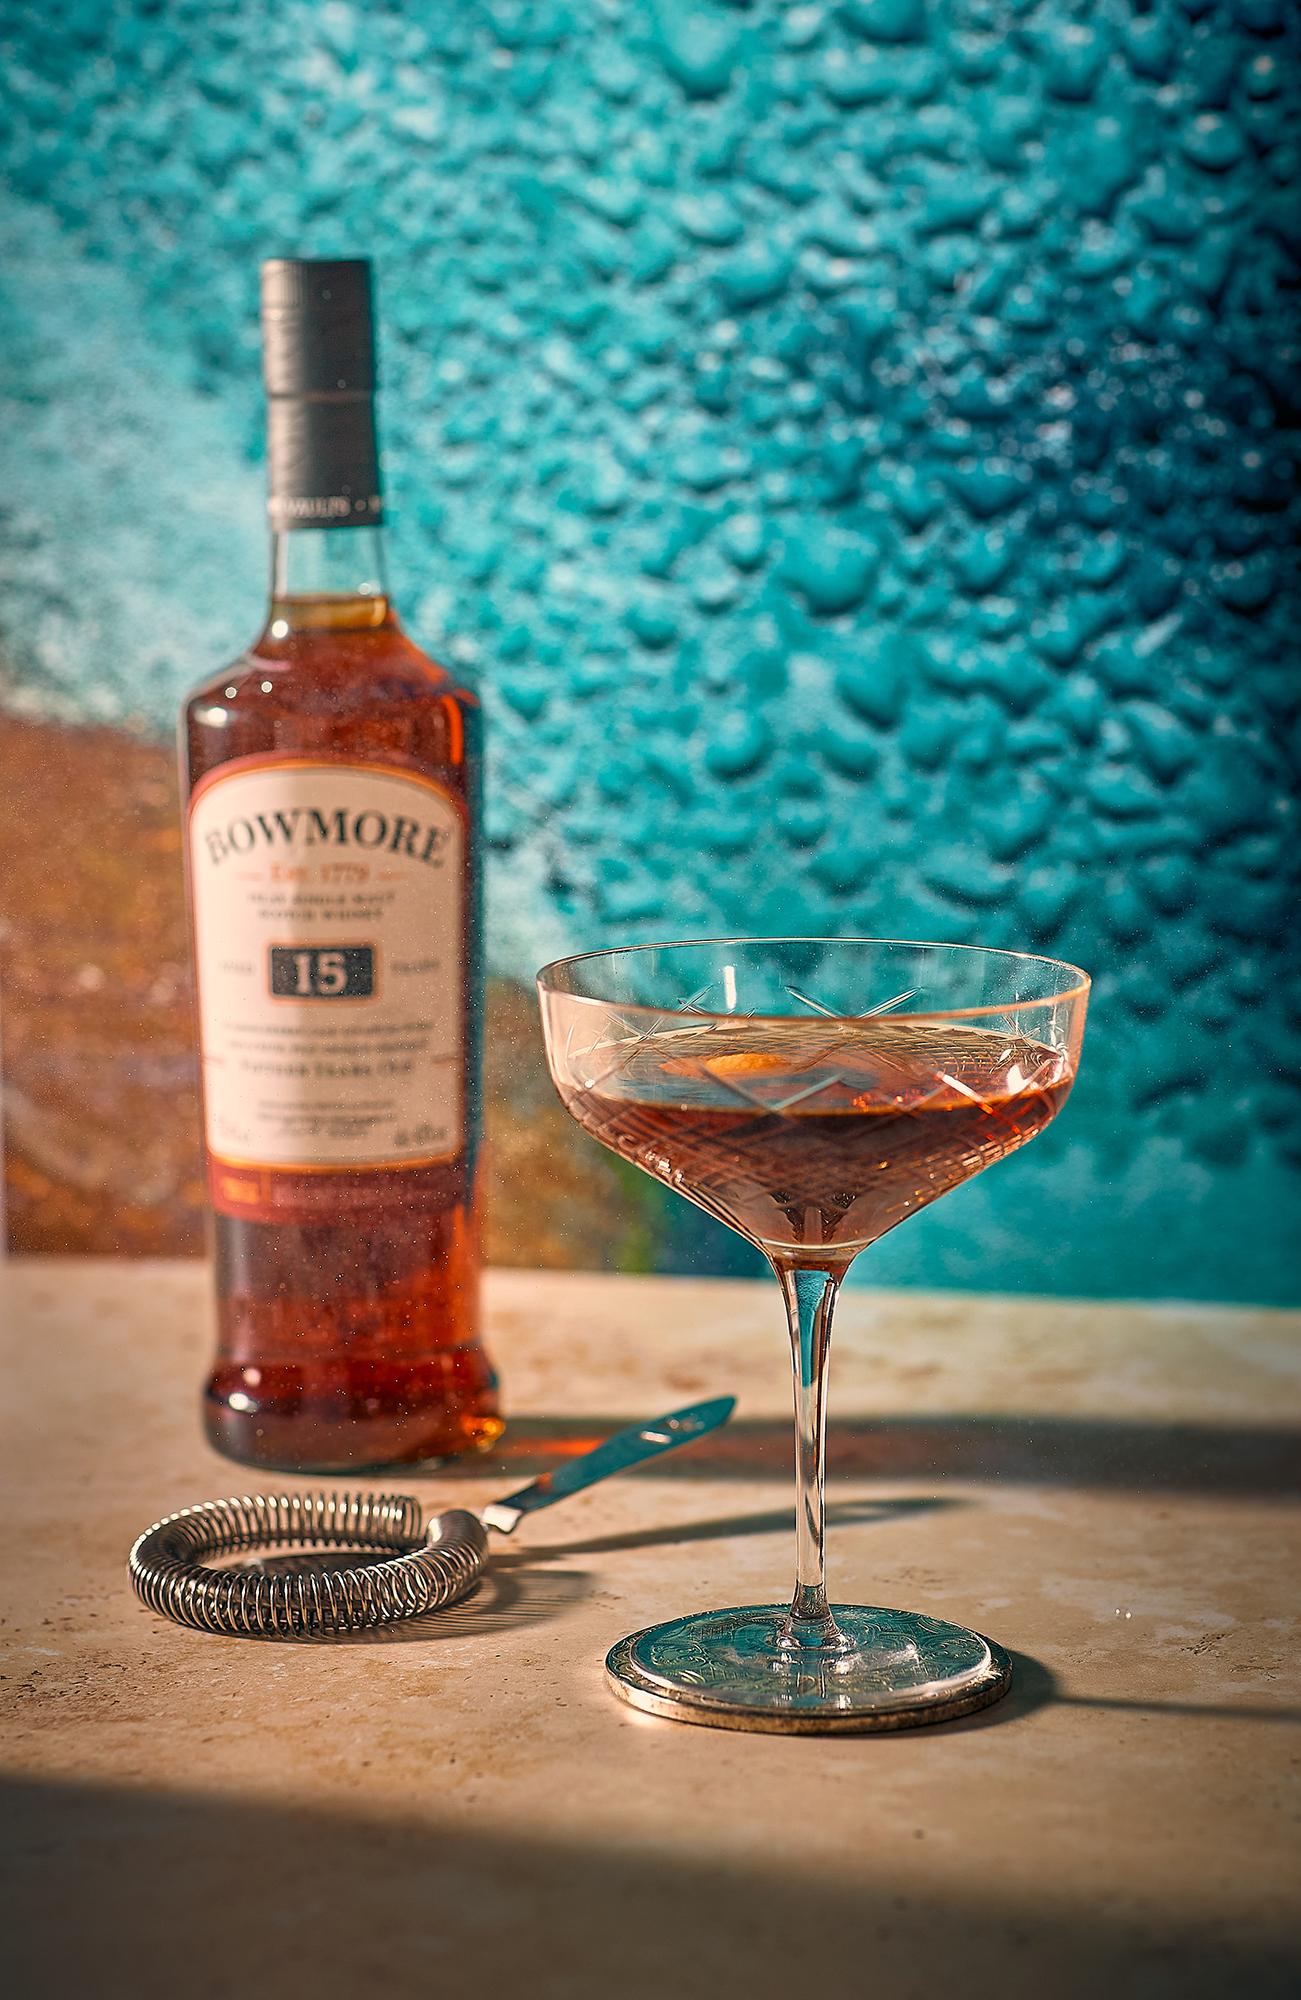 Solas serves original and delicious Bowmore cocktails